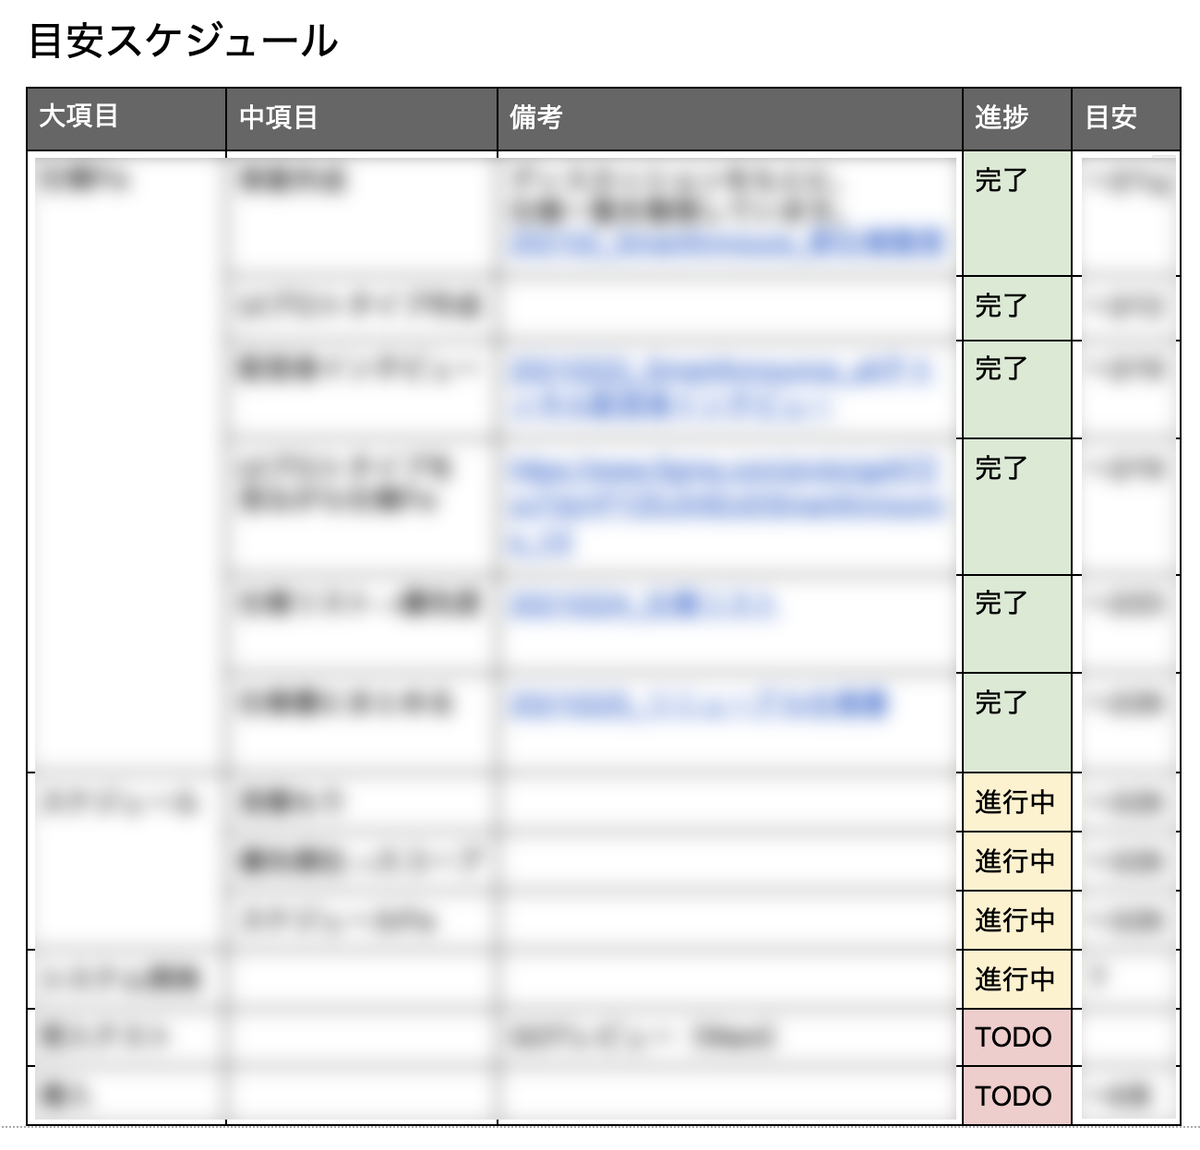 f:id:yuzutas0:20210327161311p:plain:w200